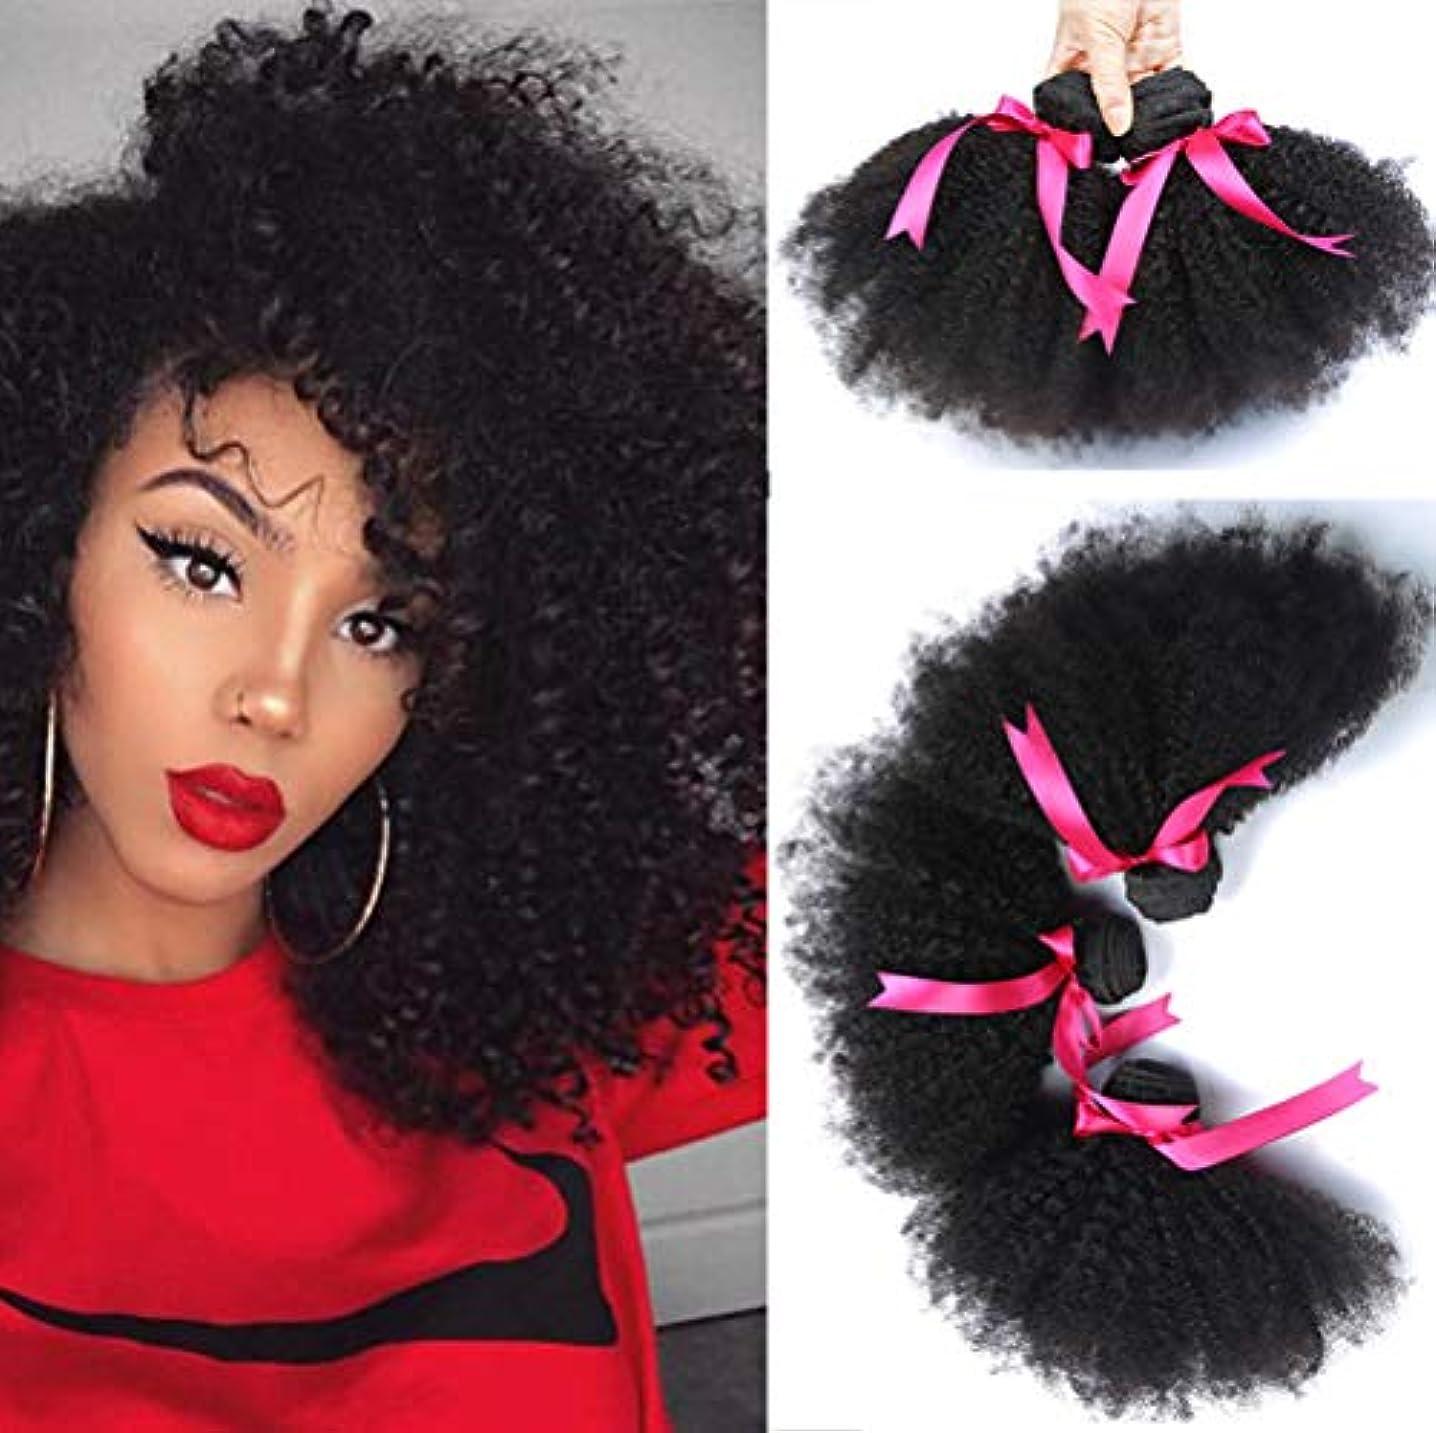 動物のどフラフープブラジルの髪バンドル女性100%未処理のバージンレミー人間の毛髪延長1バンドル変態巻き毛の織り